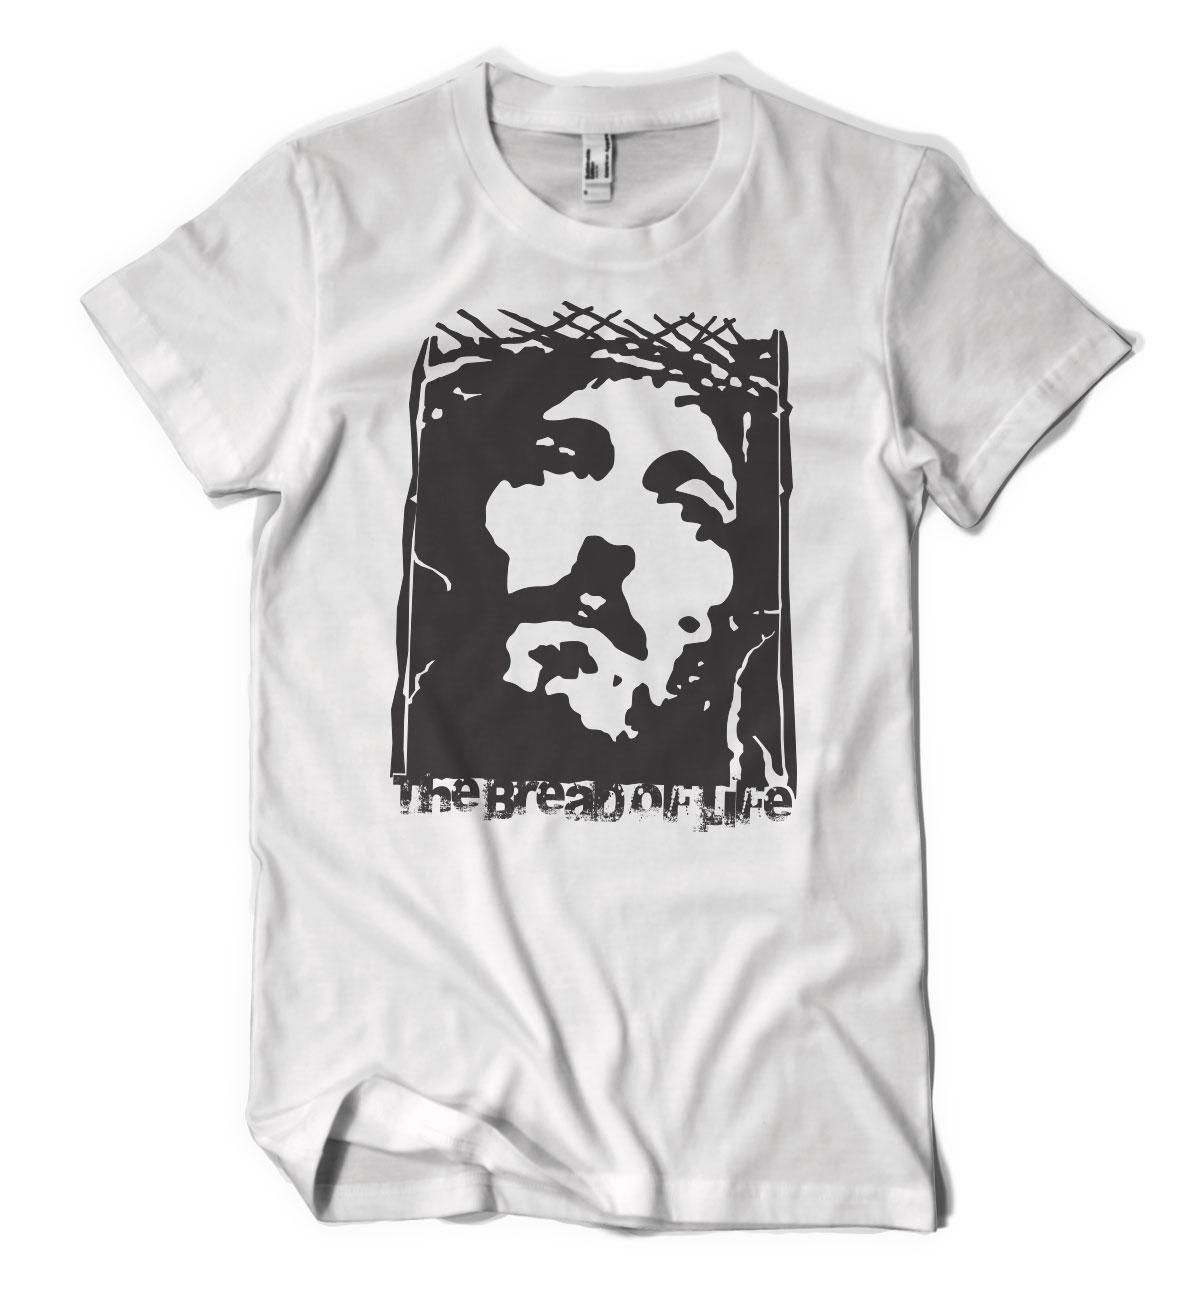 Catholic Tshirts - MyCatholicTshirt - For Christians of all ...